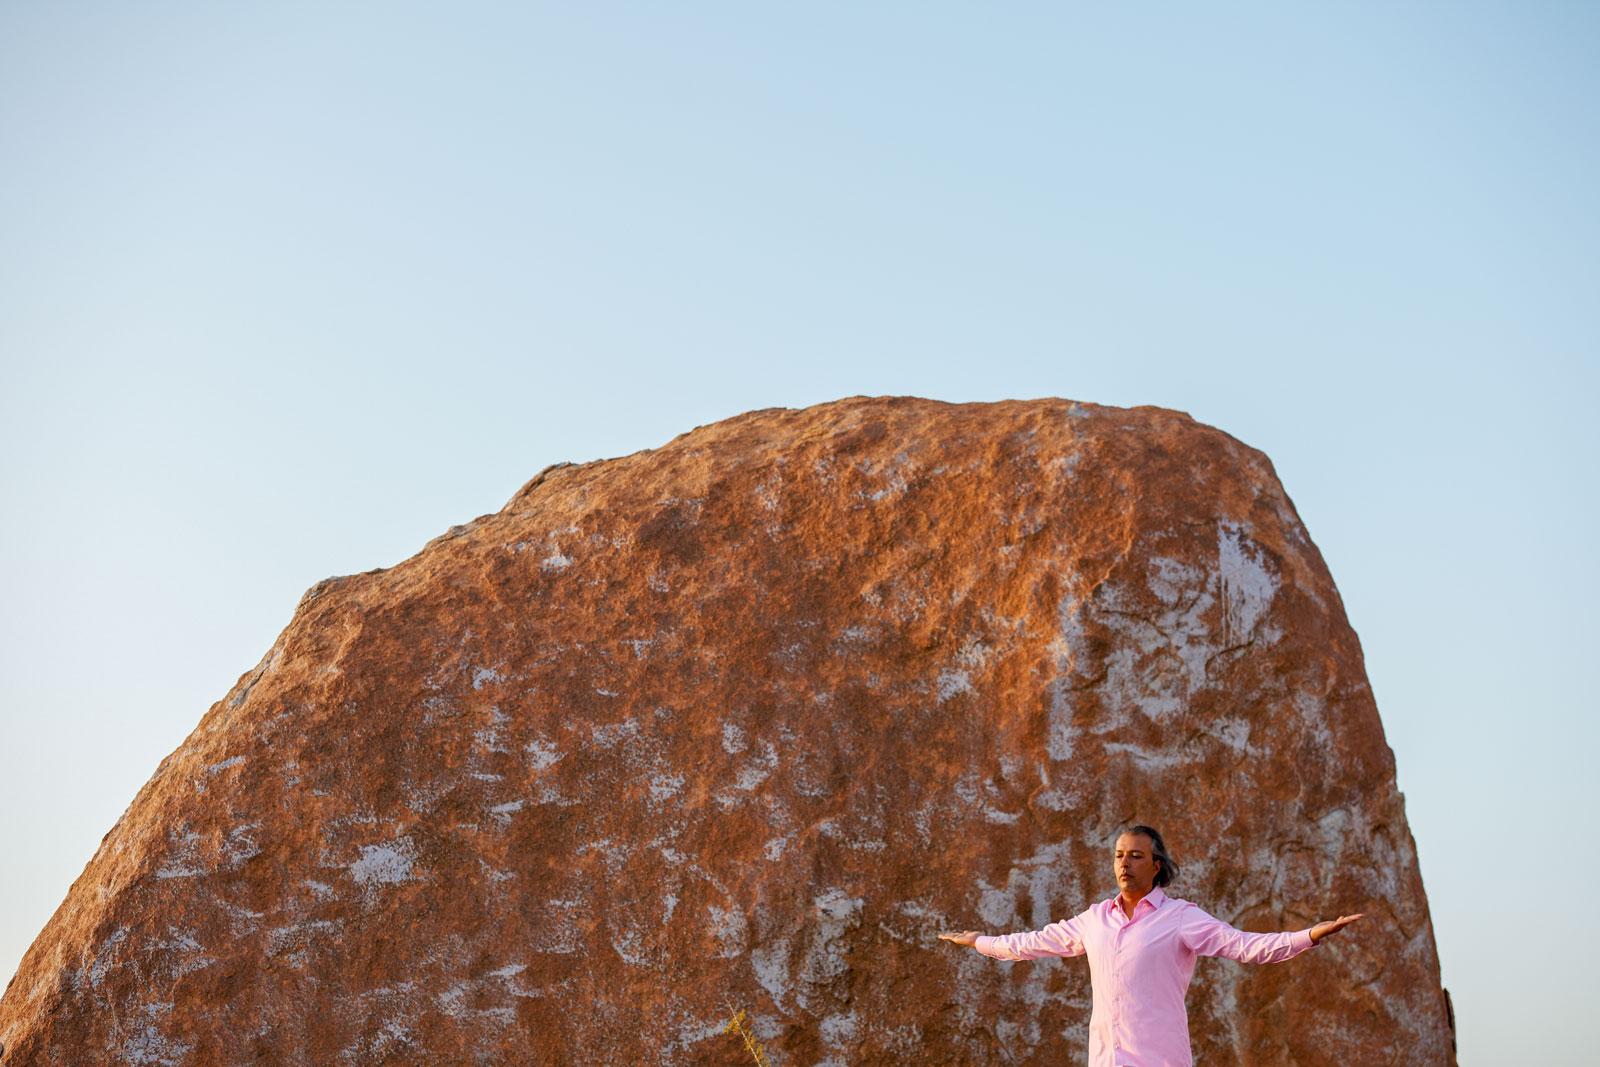 Bild eines segnenden Mannes vor eine roten Felskuppe